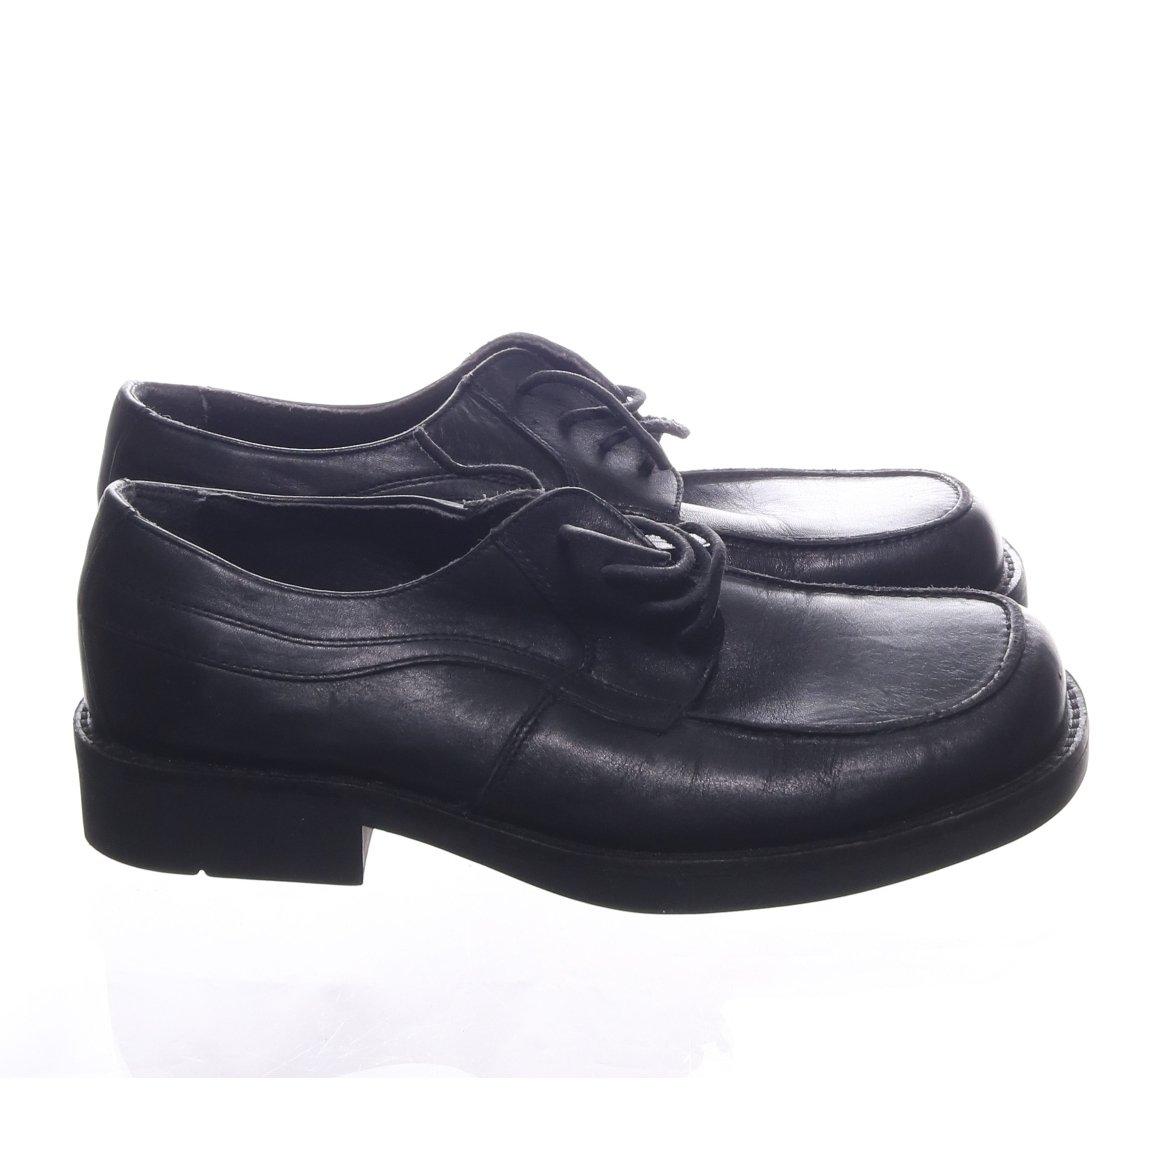 peperoni finskor herr skor finns på .